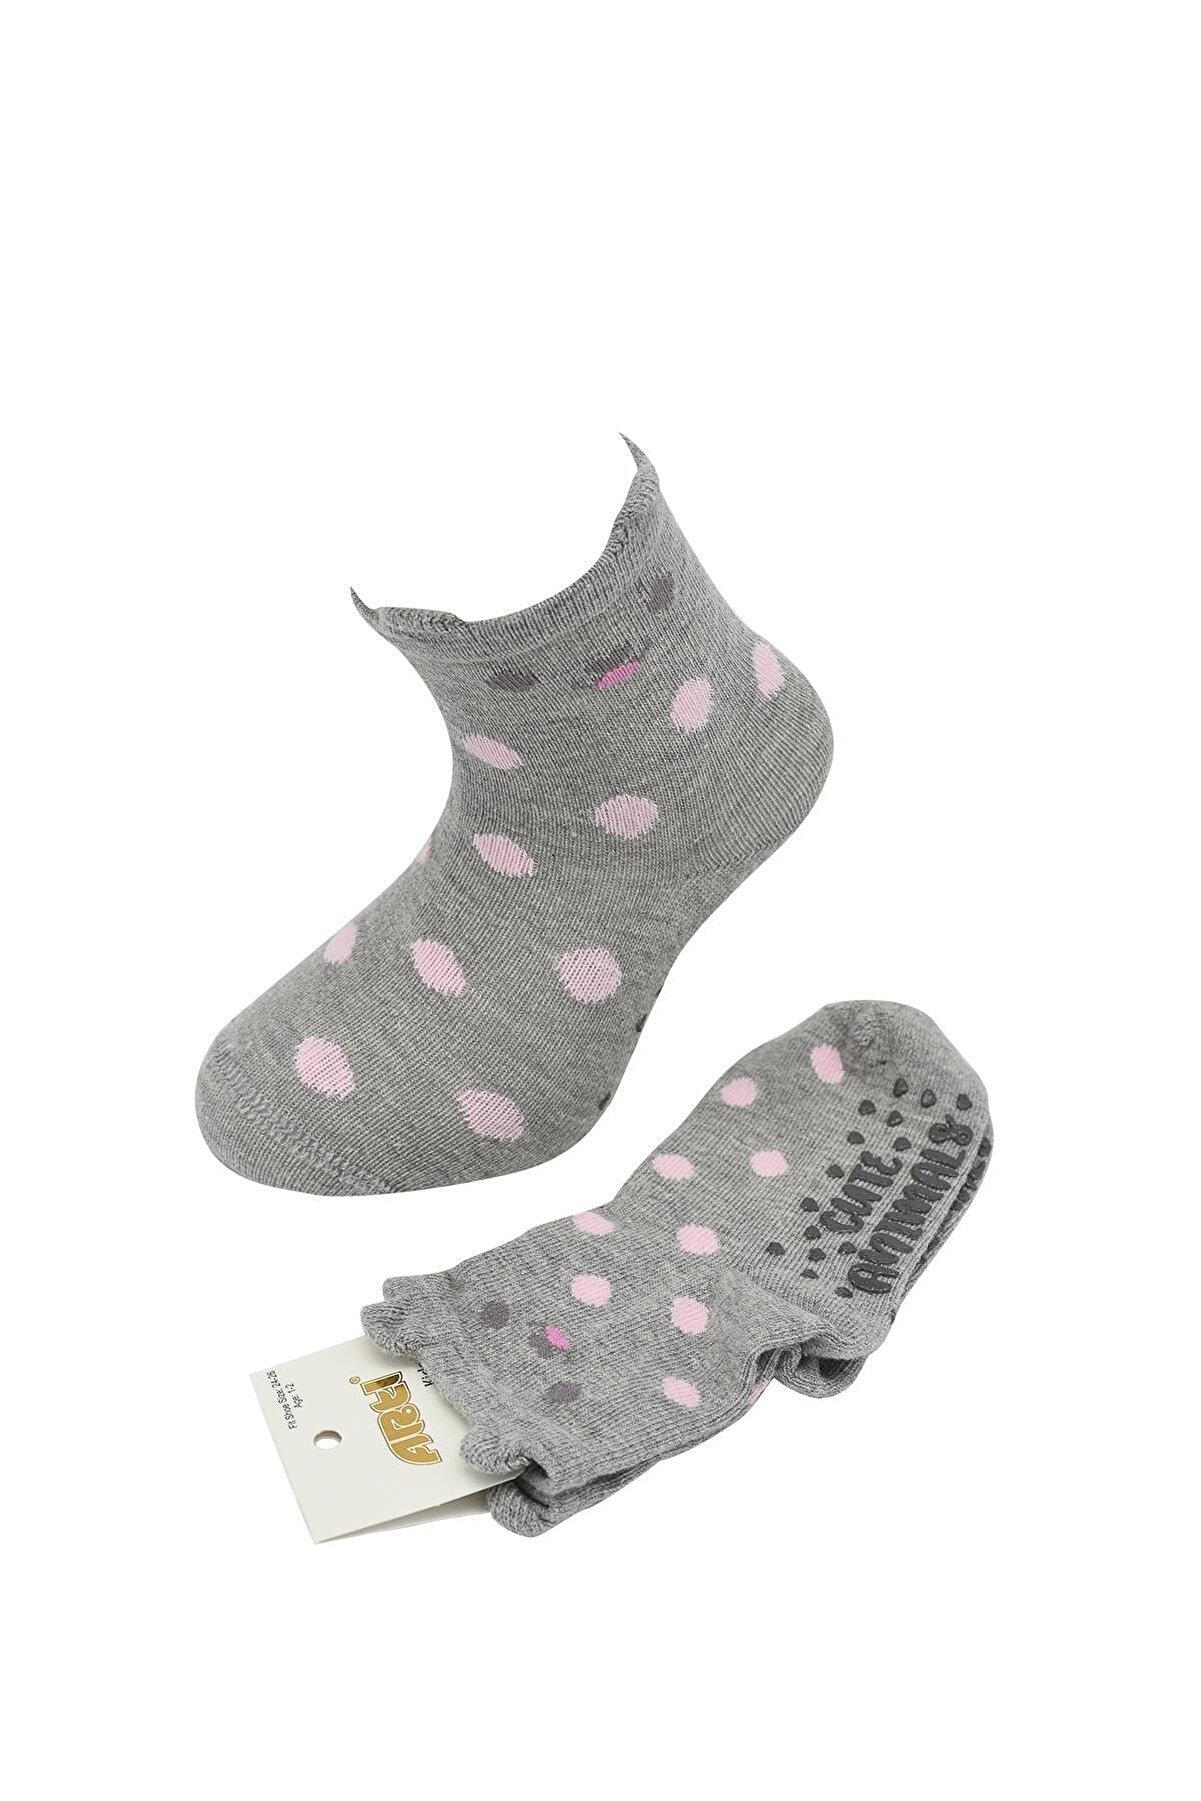 Artı Milkay Gri 3 Boyutlu Altı Baskılı Kız Çocuk Soket Çorap Cuteanımal-3